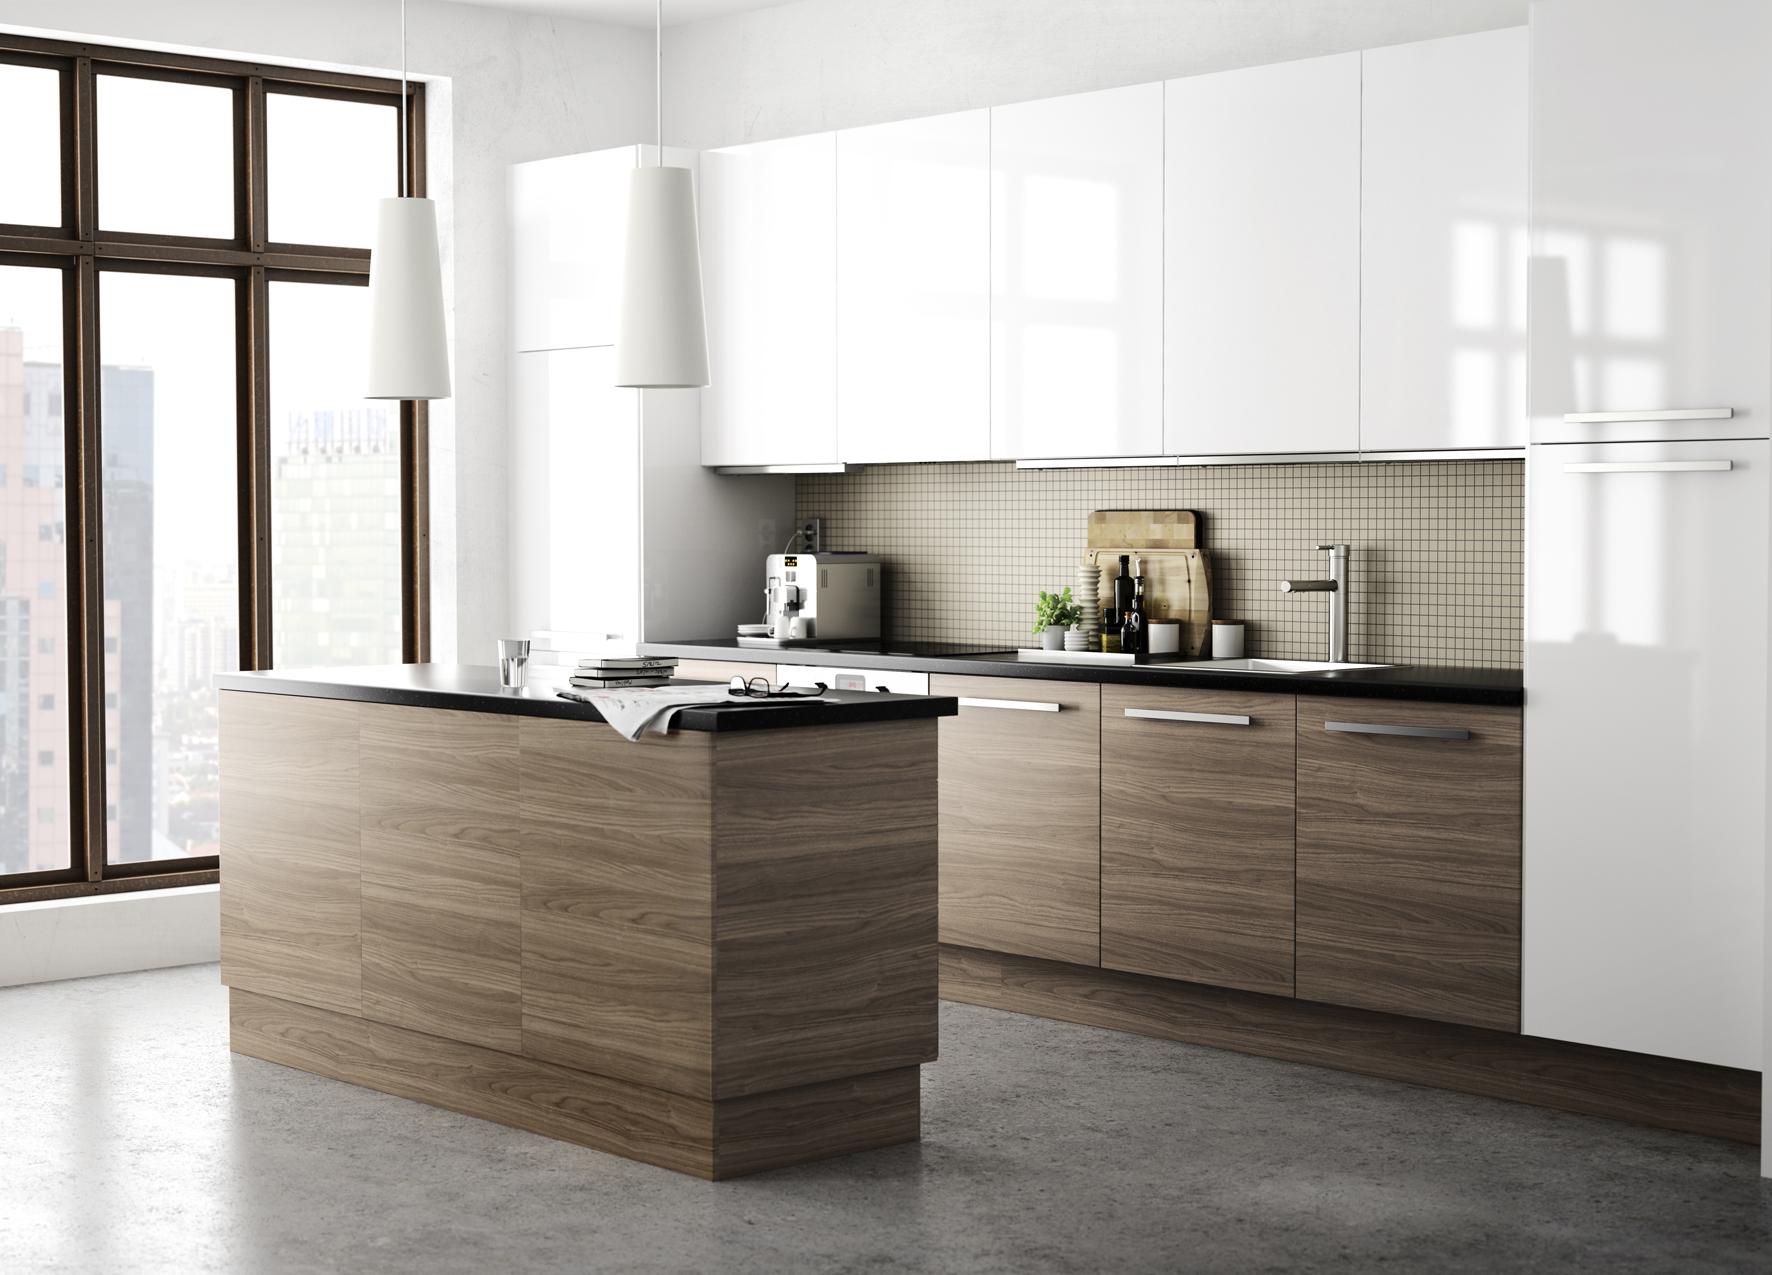 Keuken Ikea Inrichting : Zelf een ikea keuken plaatsen thomas gaspersz